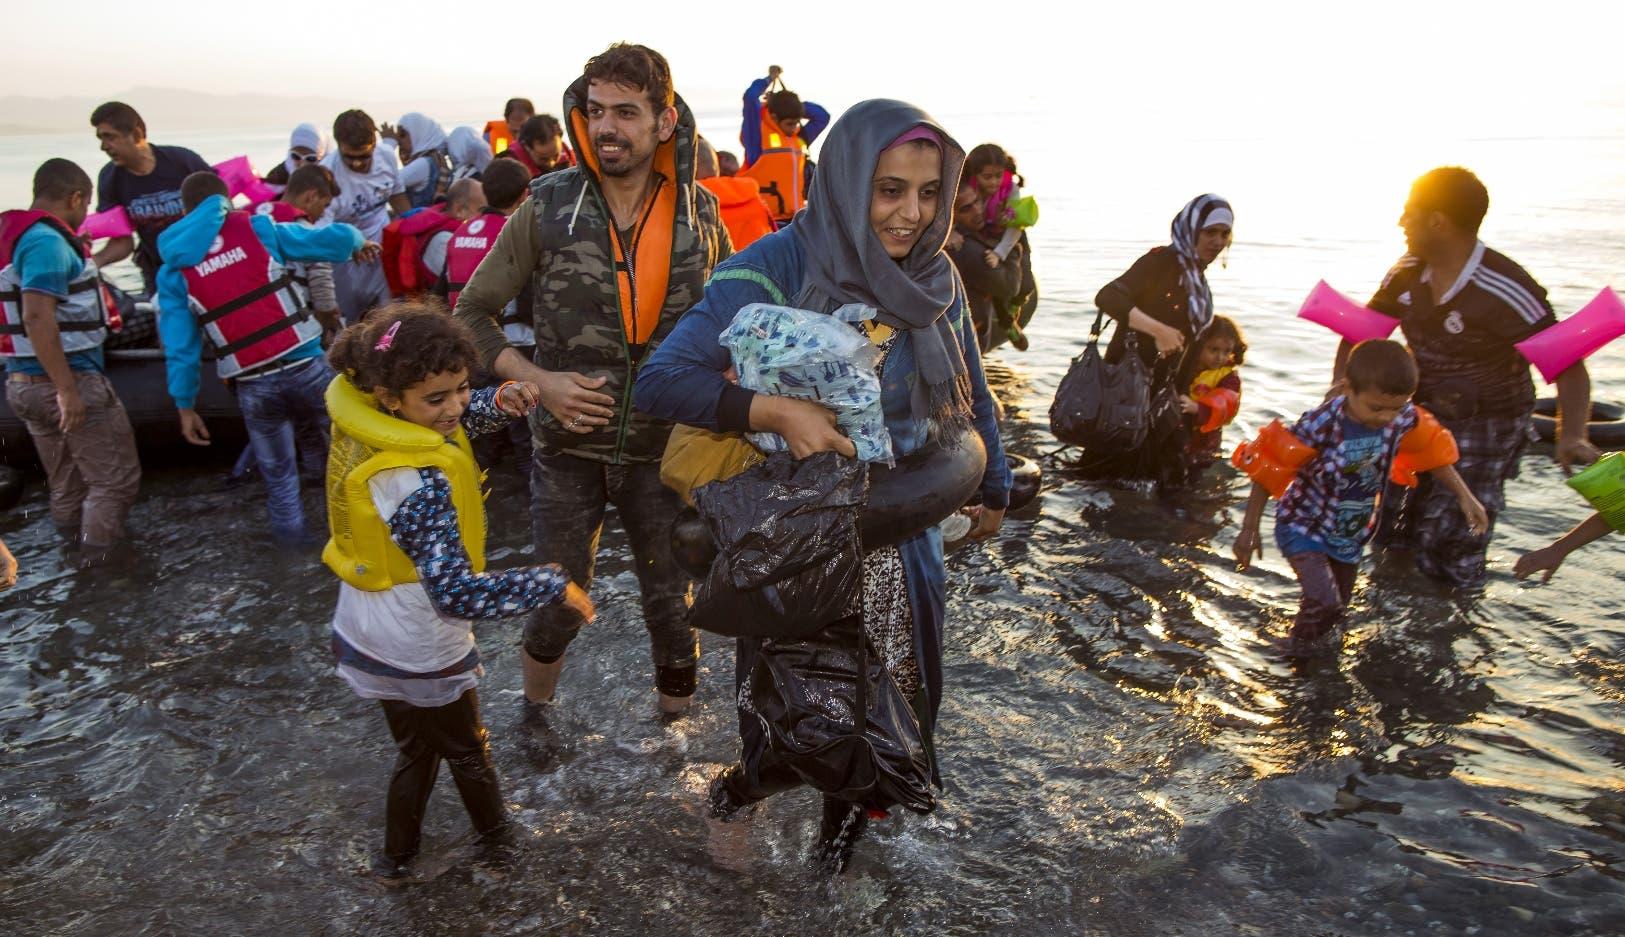 Inglaterra y Francia enfrentan migración